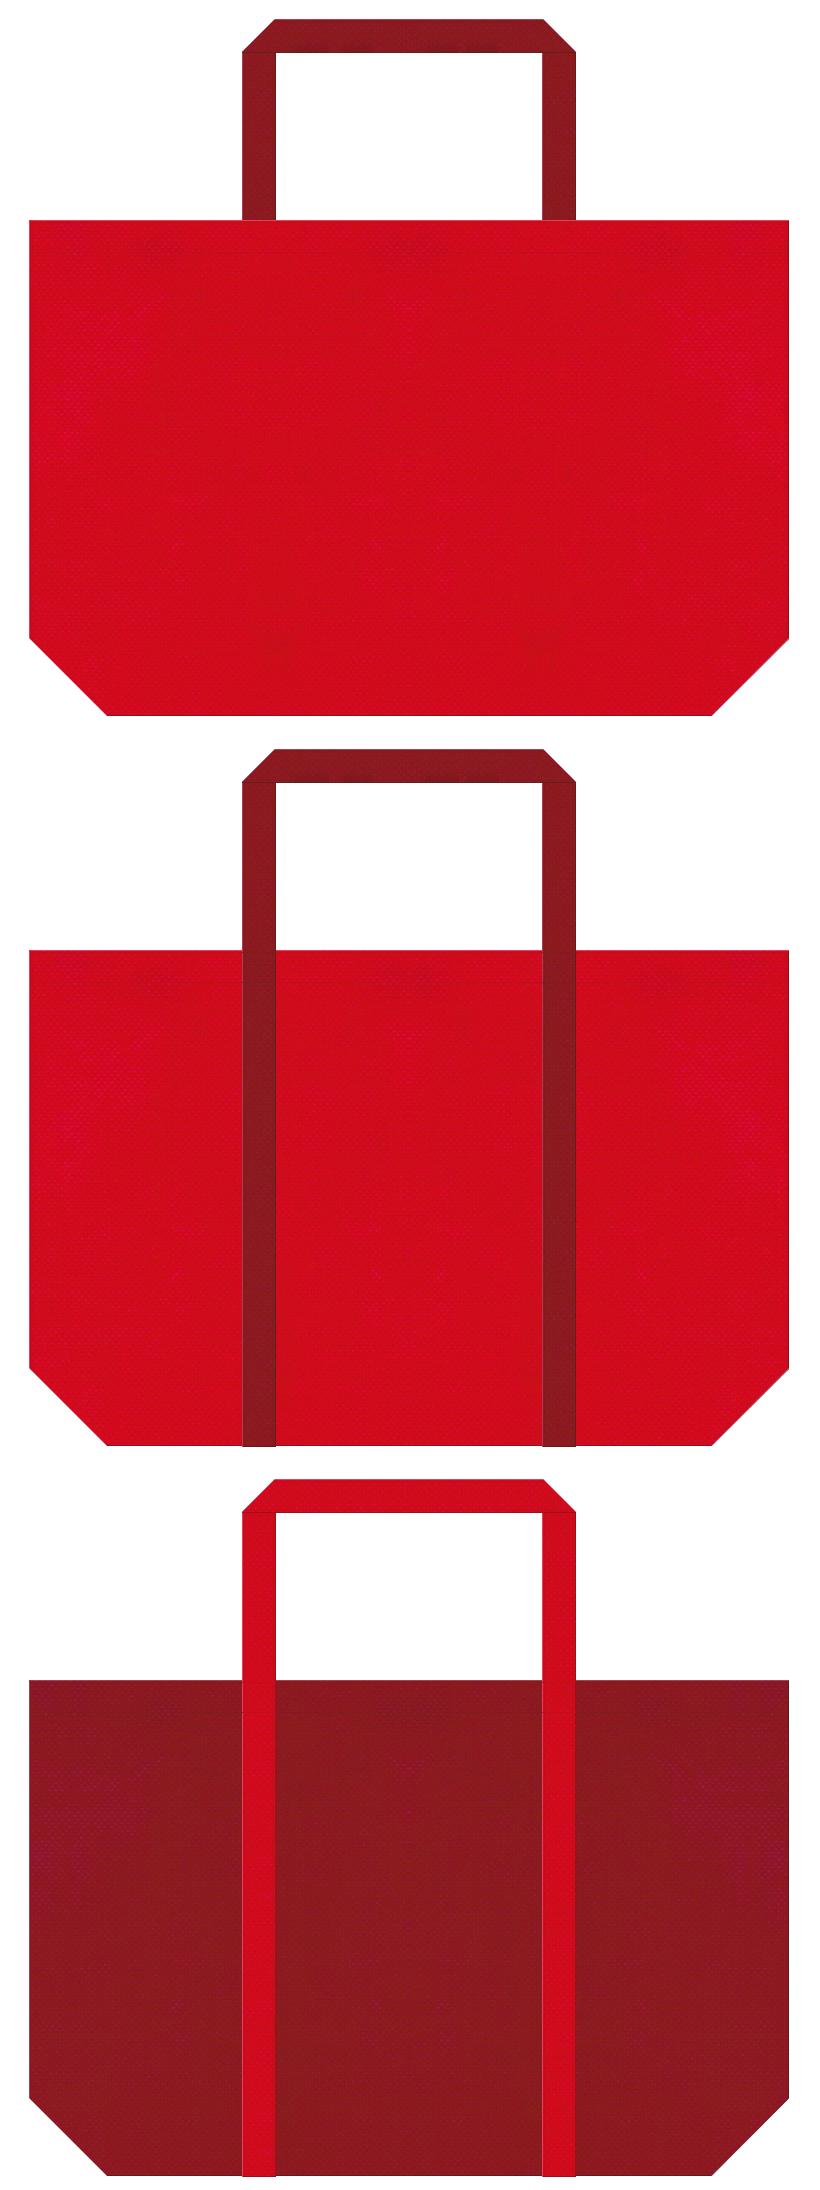 クリスマスセール・福袋にお奨めの不織布バッグデザイン:紅色とエンジ色のコーデ